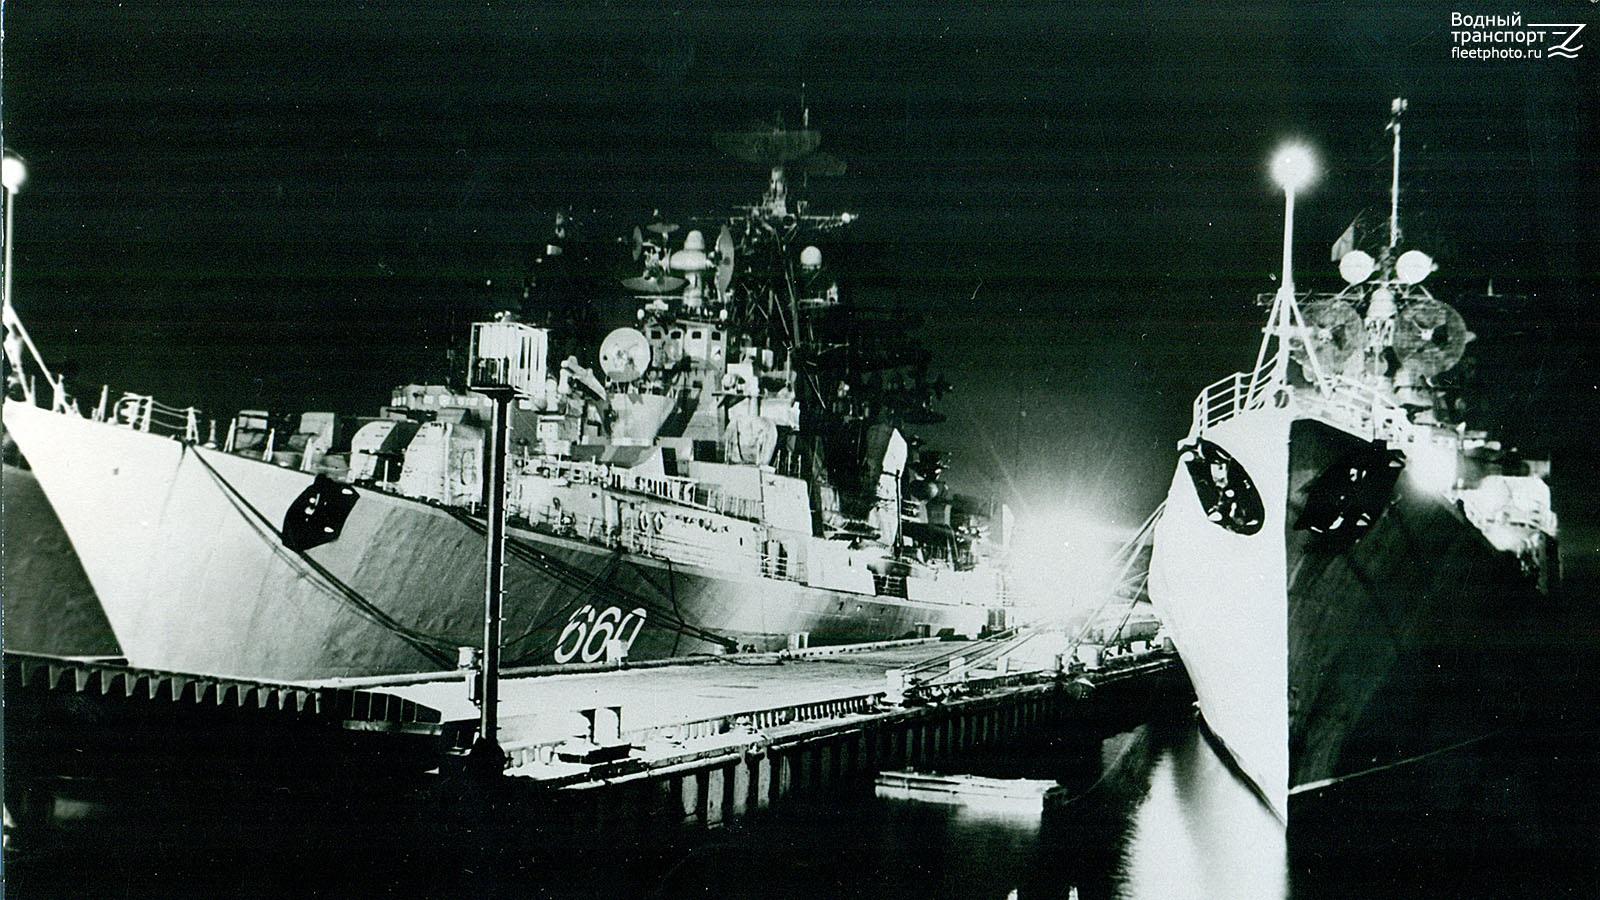 бпк адмирал исаков фото вам крепкого здоровья